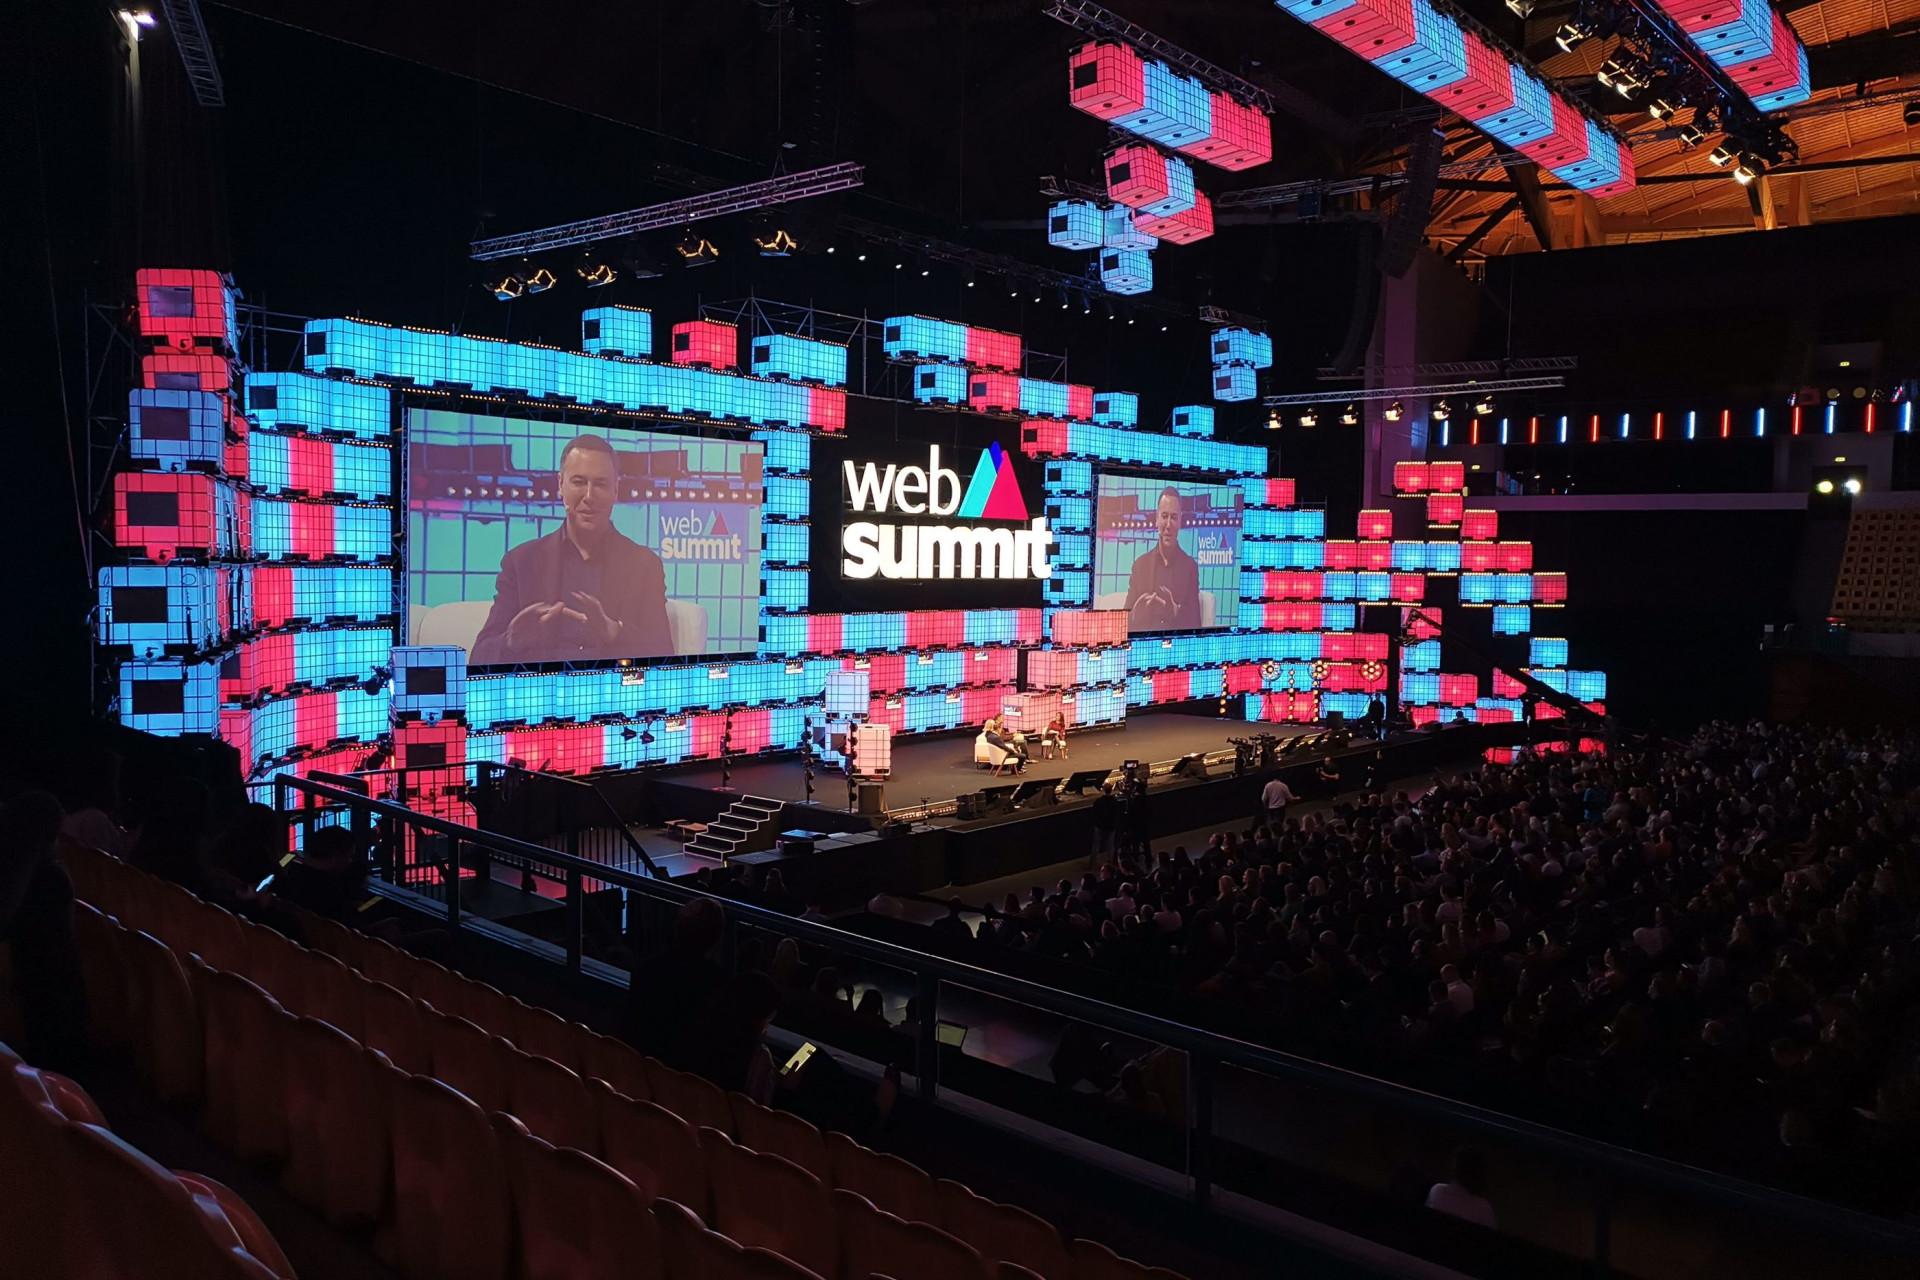 Chegou ao fim mais uma Web Summit. As imagens do último dia